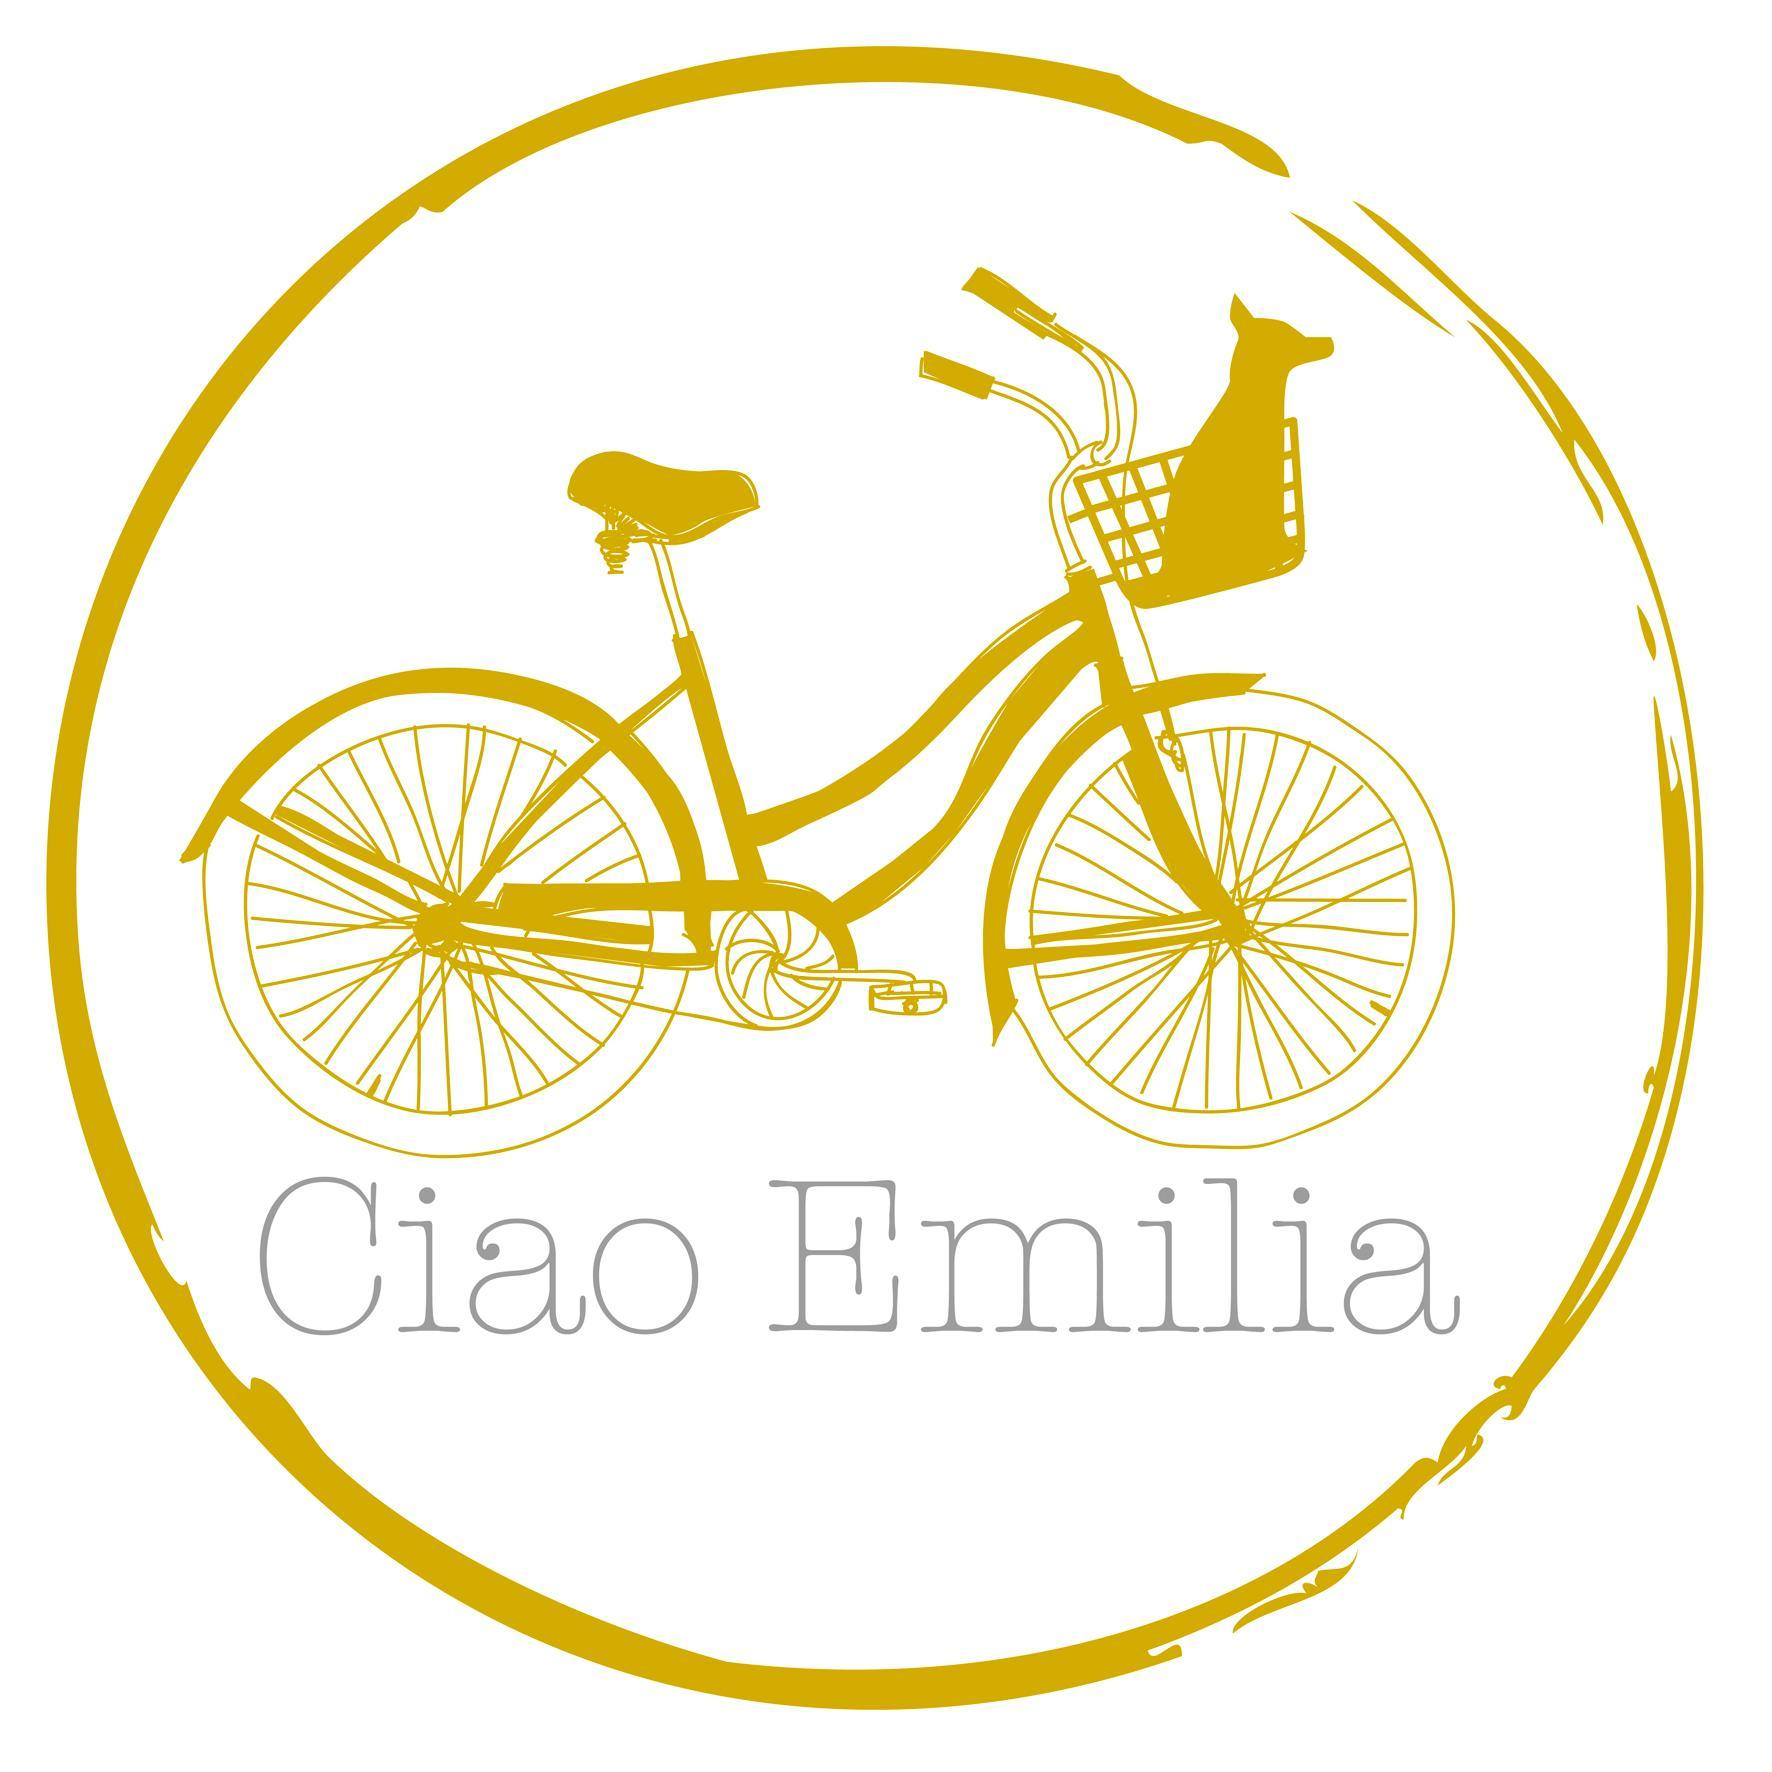 Ciao Emilia